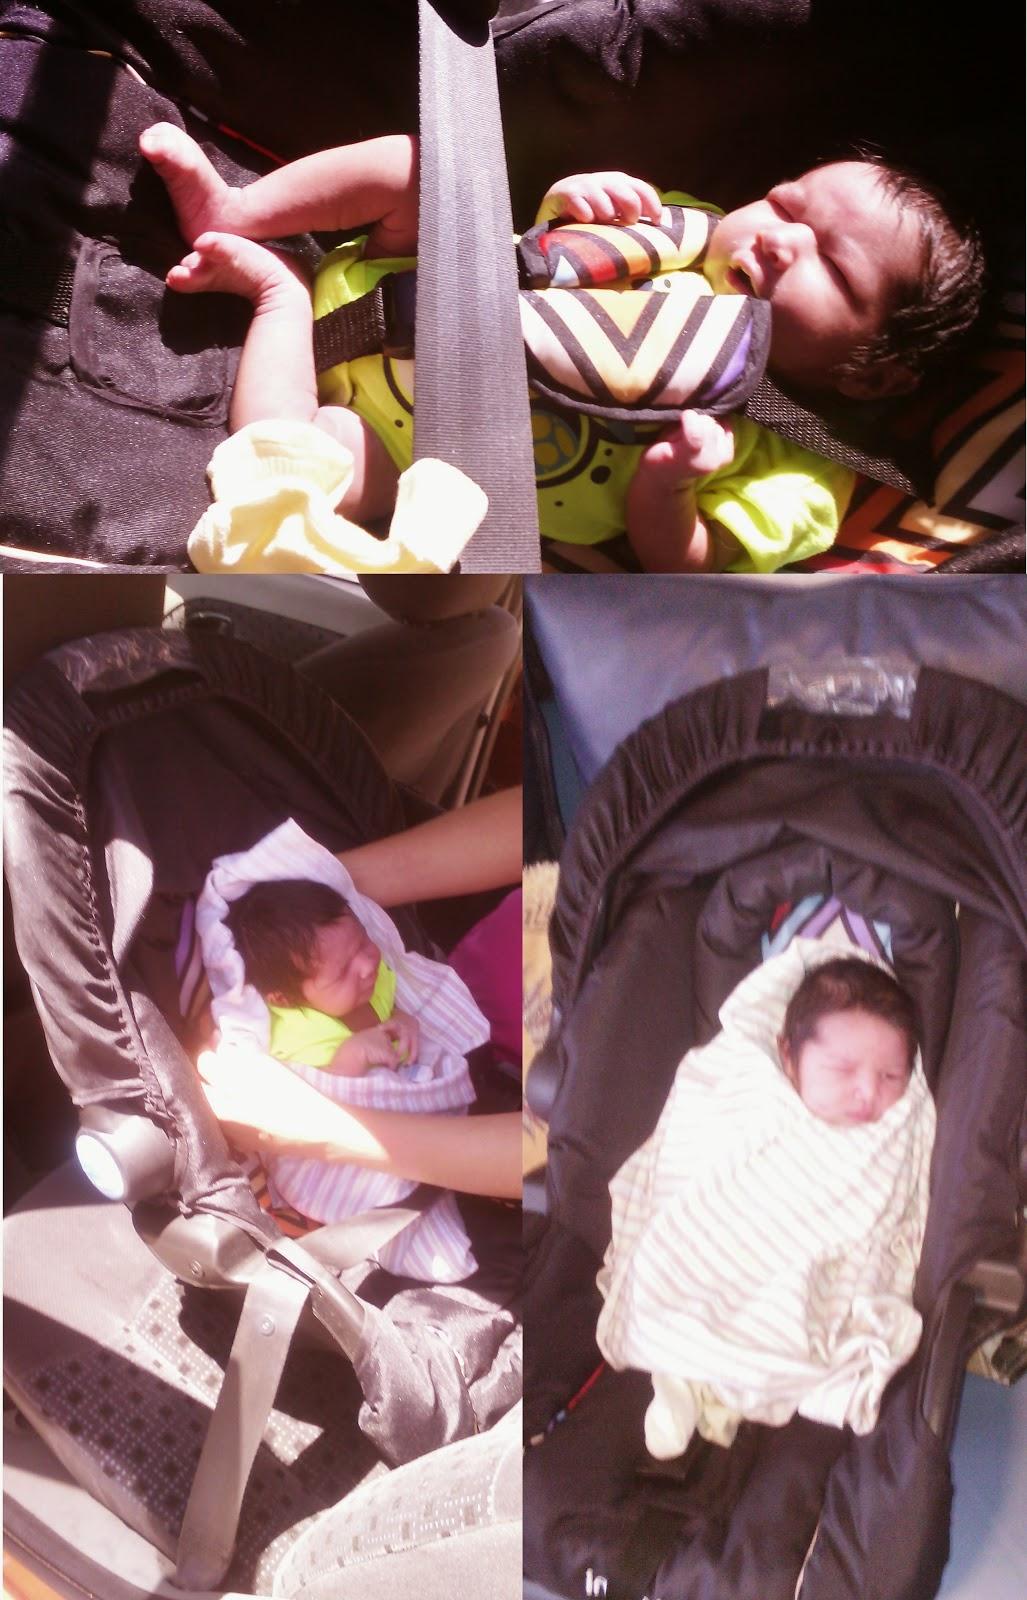 Jéssica-de-la-Portilla-Montaño-Héctor-Juárez-Lorencilla-bebé-todomepasa-asiento-de-bebé-Infanti-para-automóvil